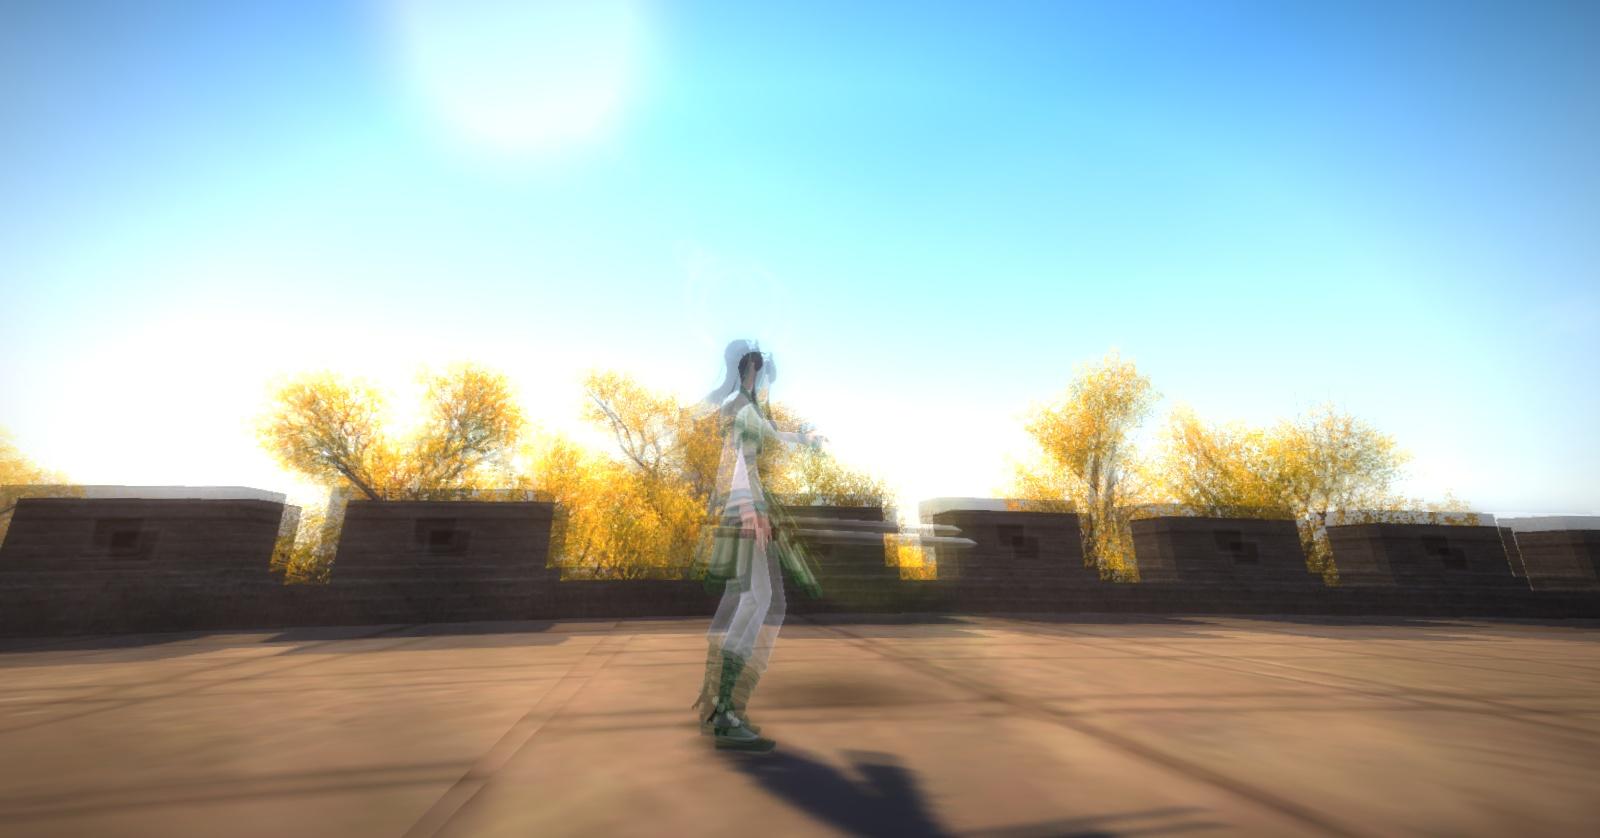 图说九阴真经 体验游戏生活中的美图分享